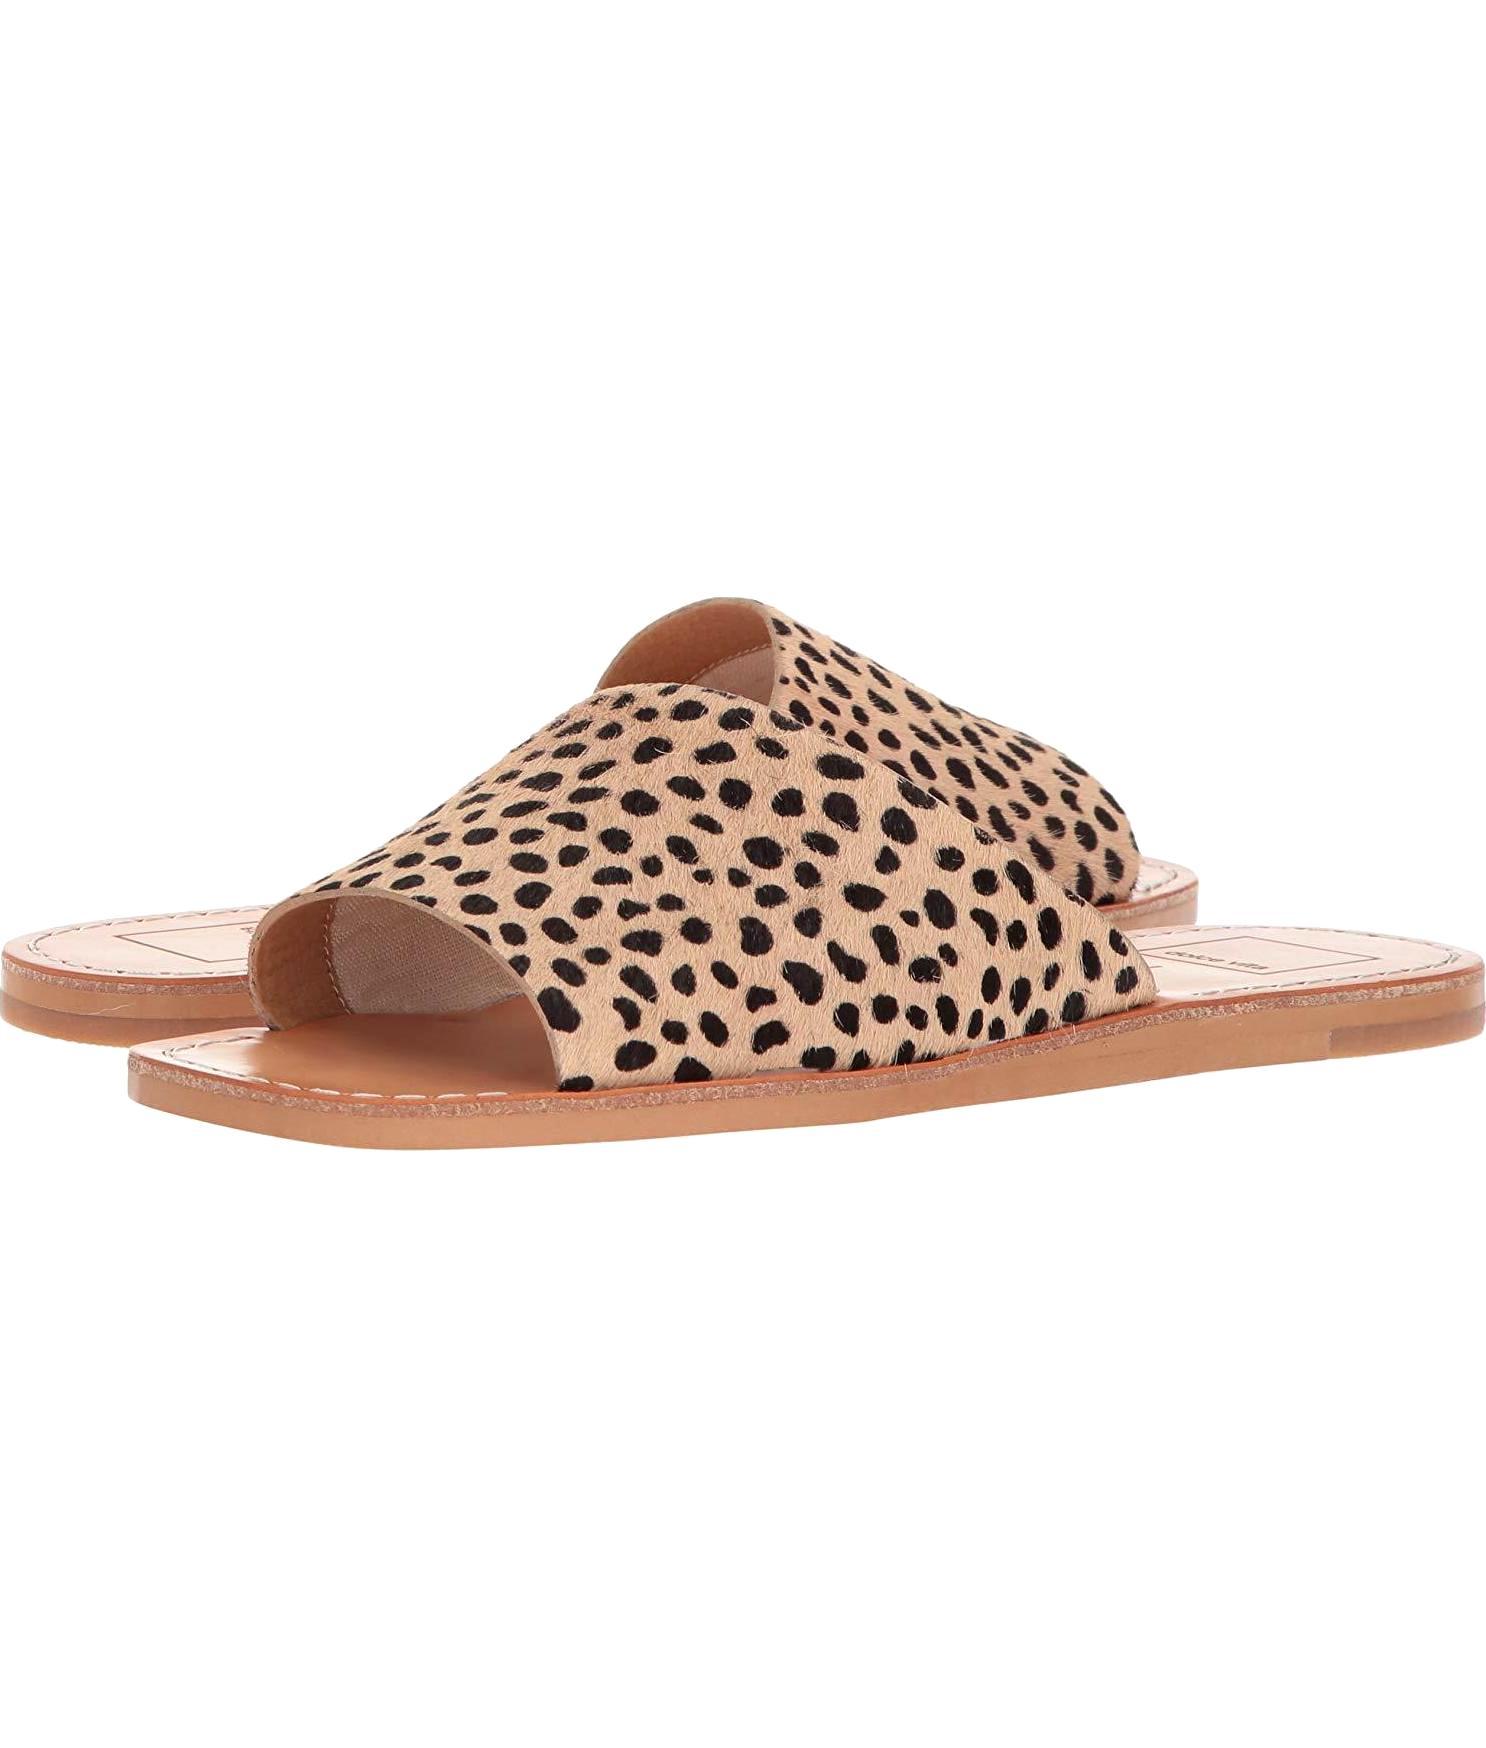 Cato Slide Sandal in Leopard Calf Hair